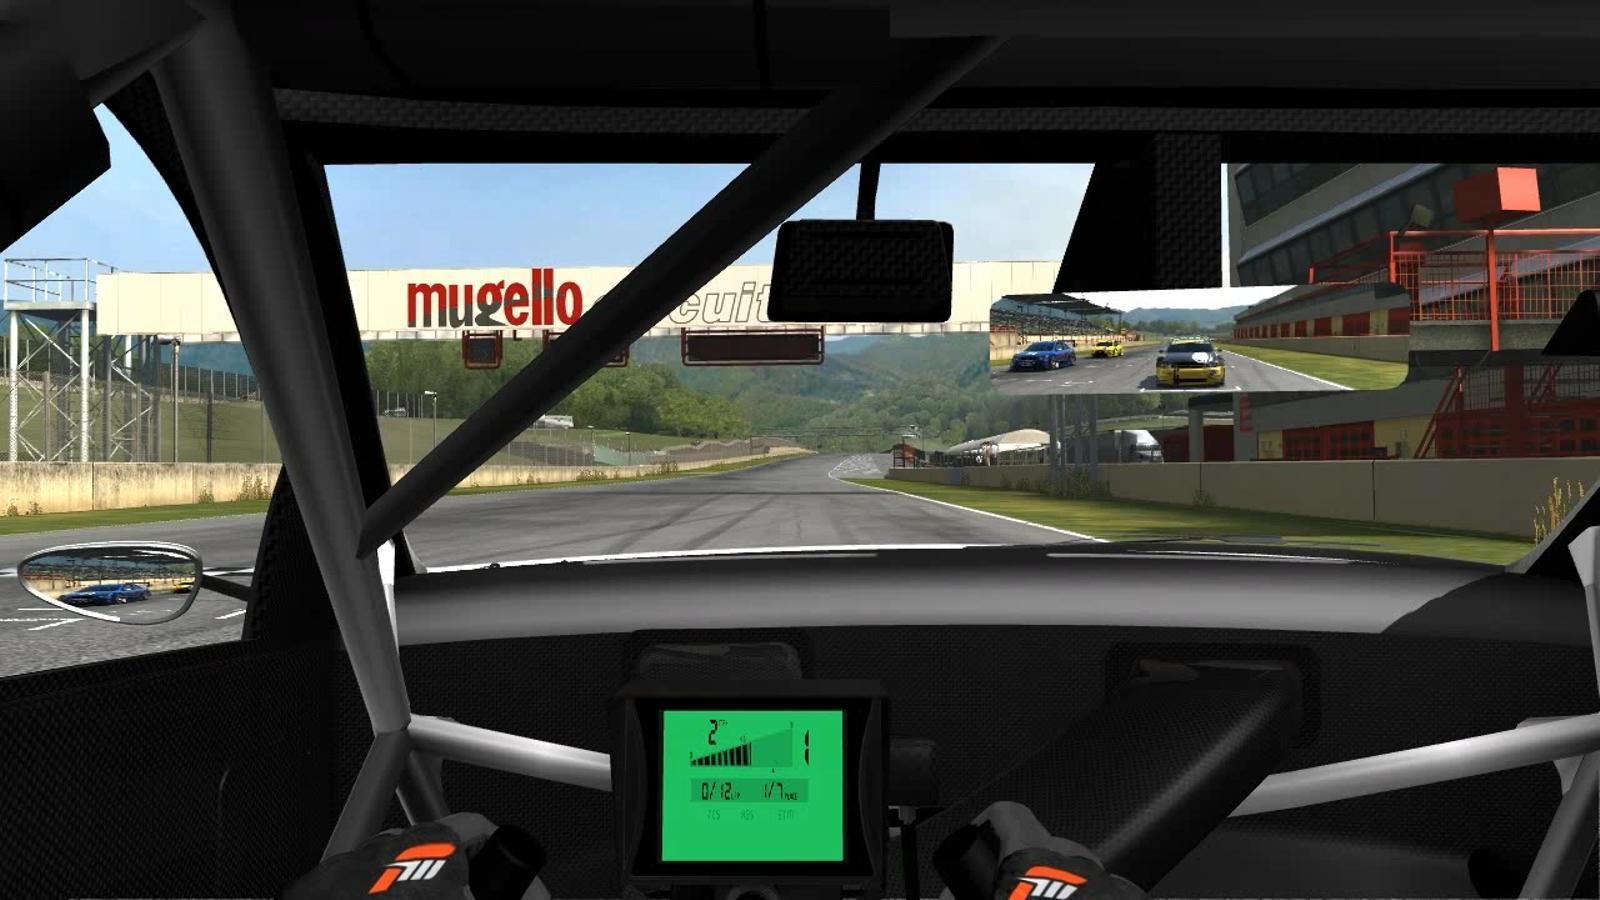 1er Campionat DTM Forza Motorsport 3 Vadejocs - Mugello (1)